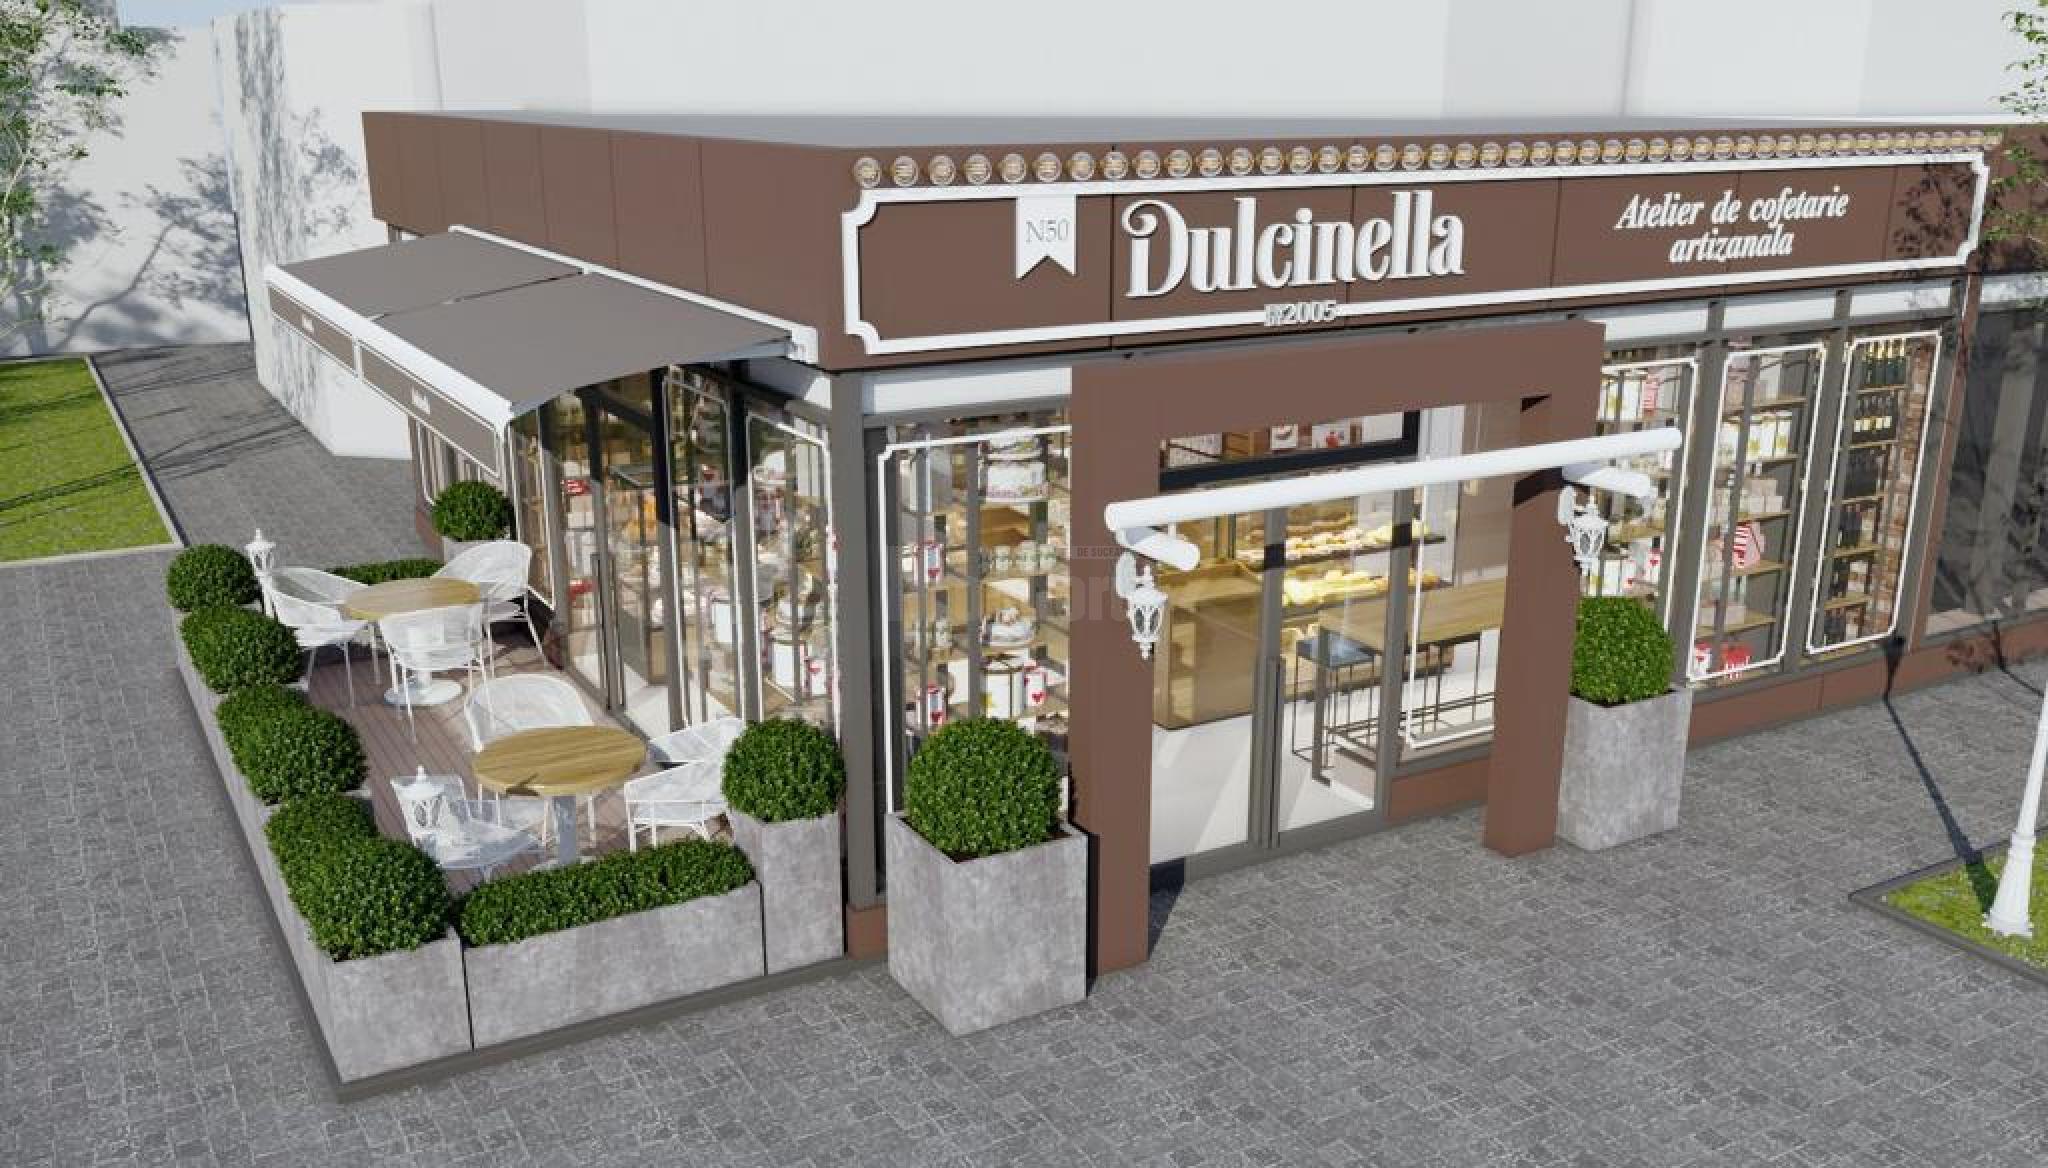 Dulcinella face Ziua ta un pic mai dulce prin Atelierul de Cofetarie Artizanala ce se va deschide miercuri la Suceava